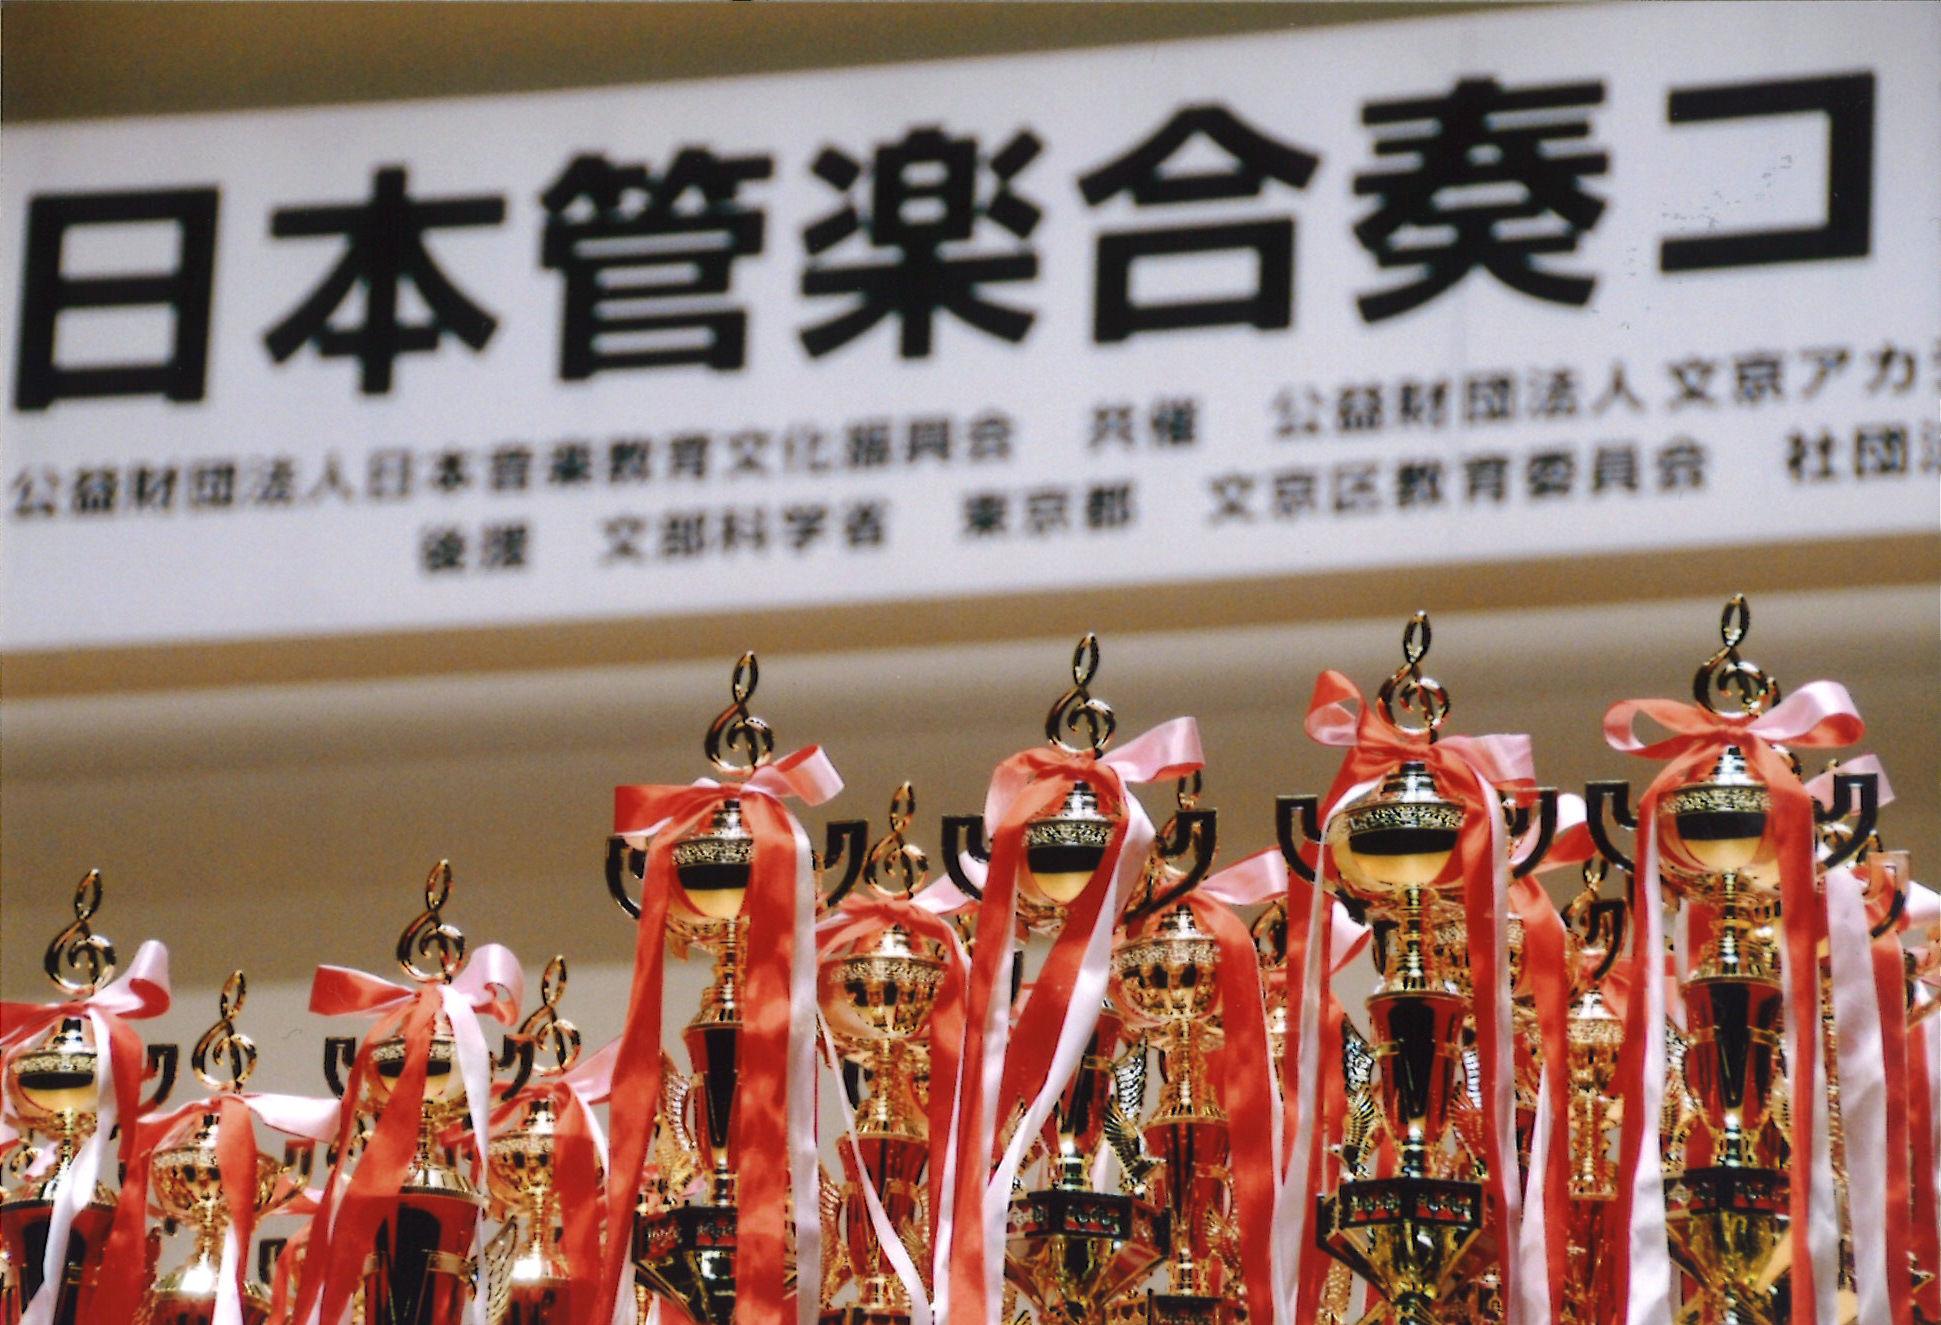 日本 管 学 合奏 コンテスト 2019 日本管楽合奏コンテスト | JMECPS...